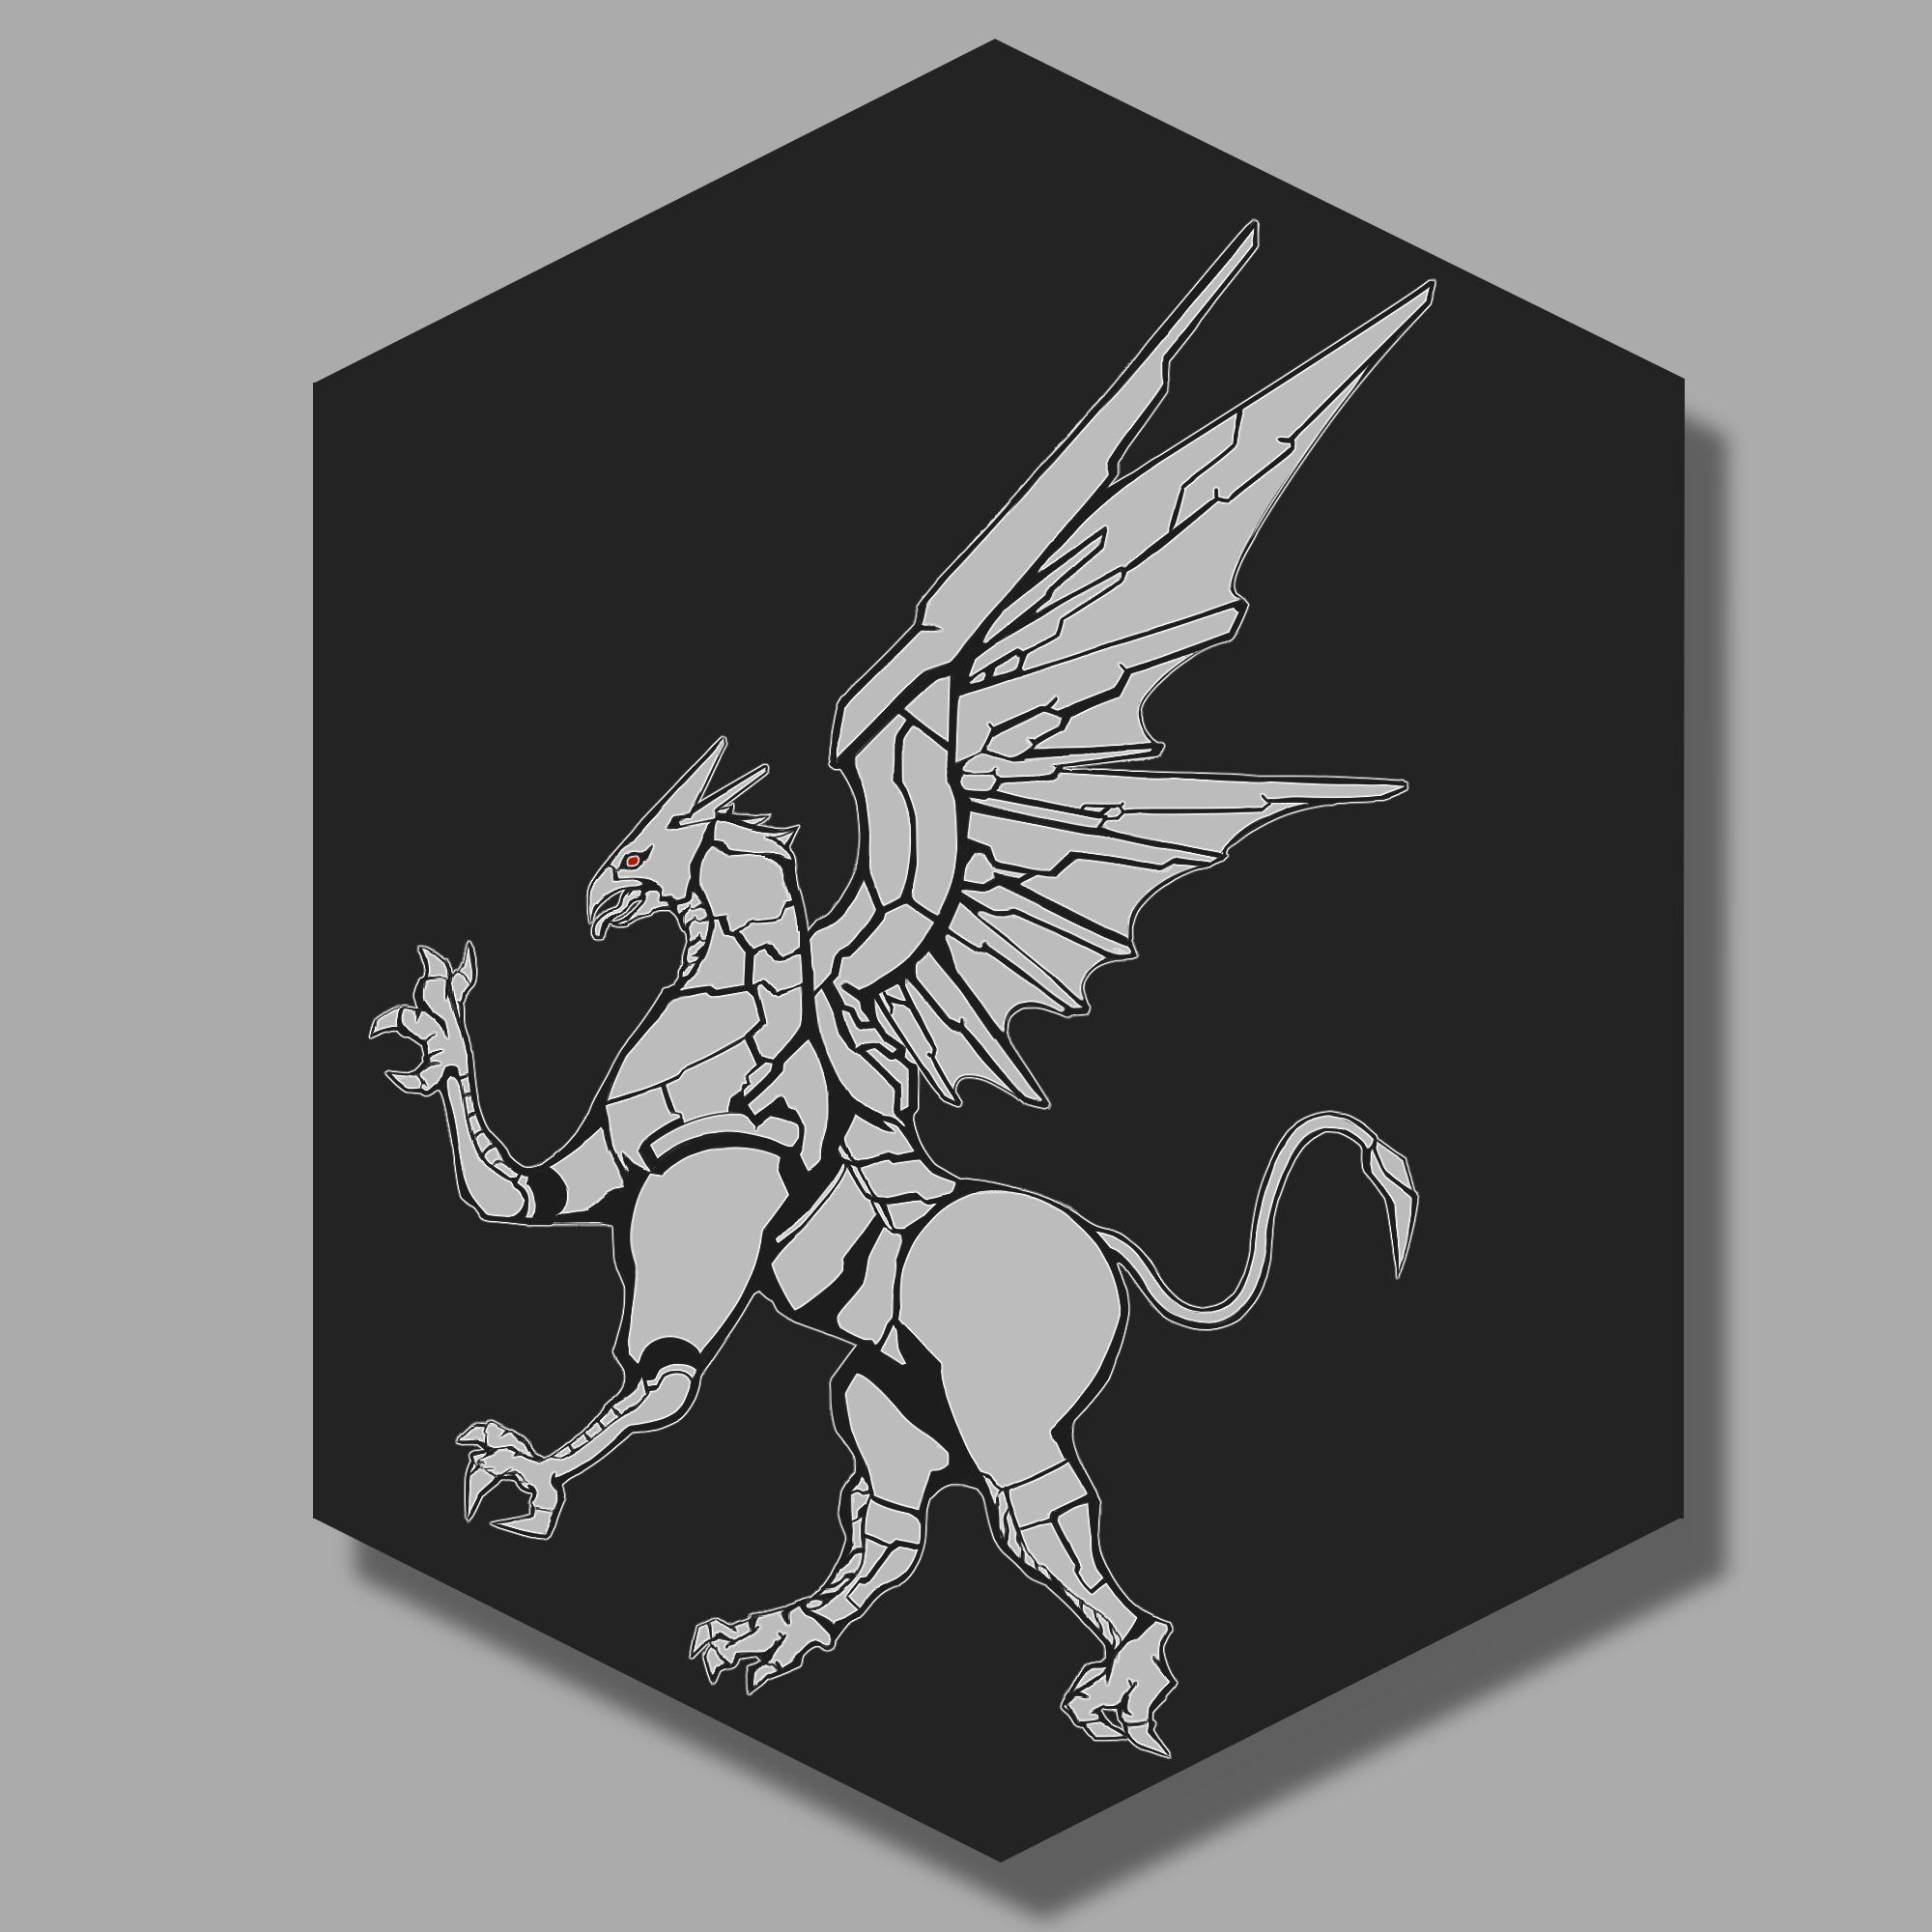 icon10_convert_20170404002719.jpg